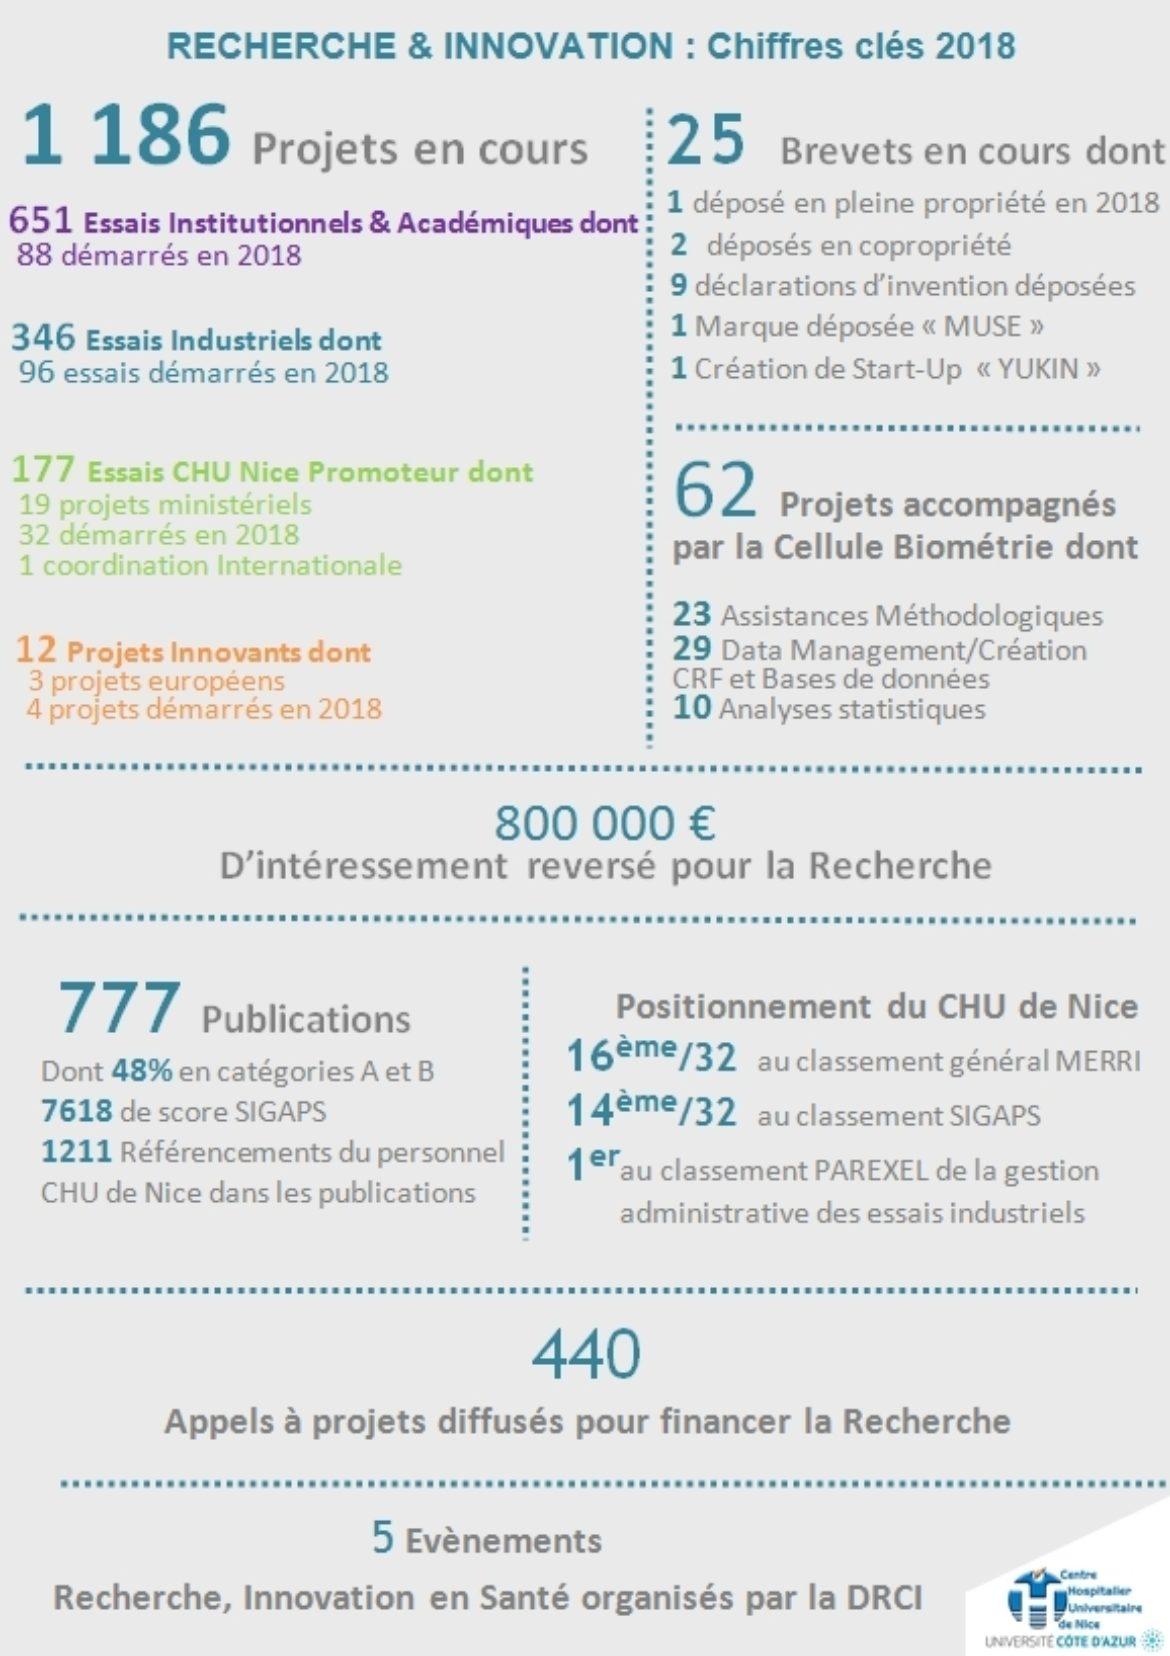 Recherche Et Innovation  Chiffres Cles 2018  Chu De Nice